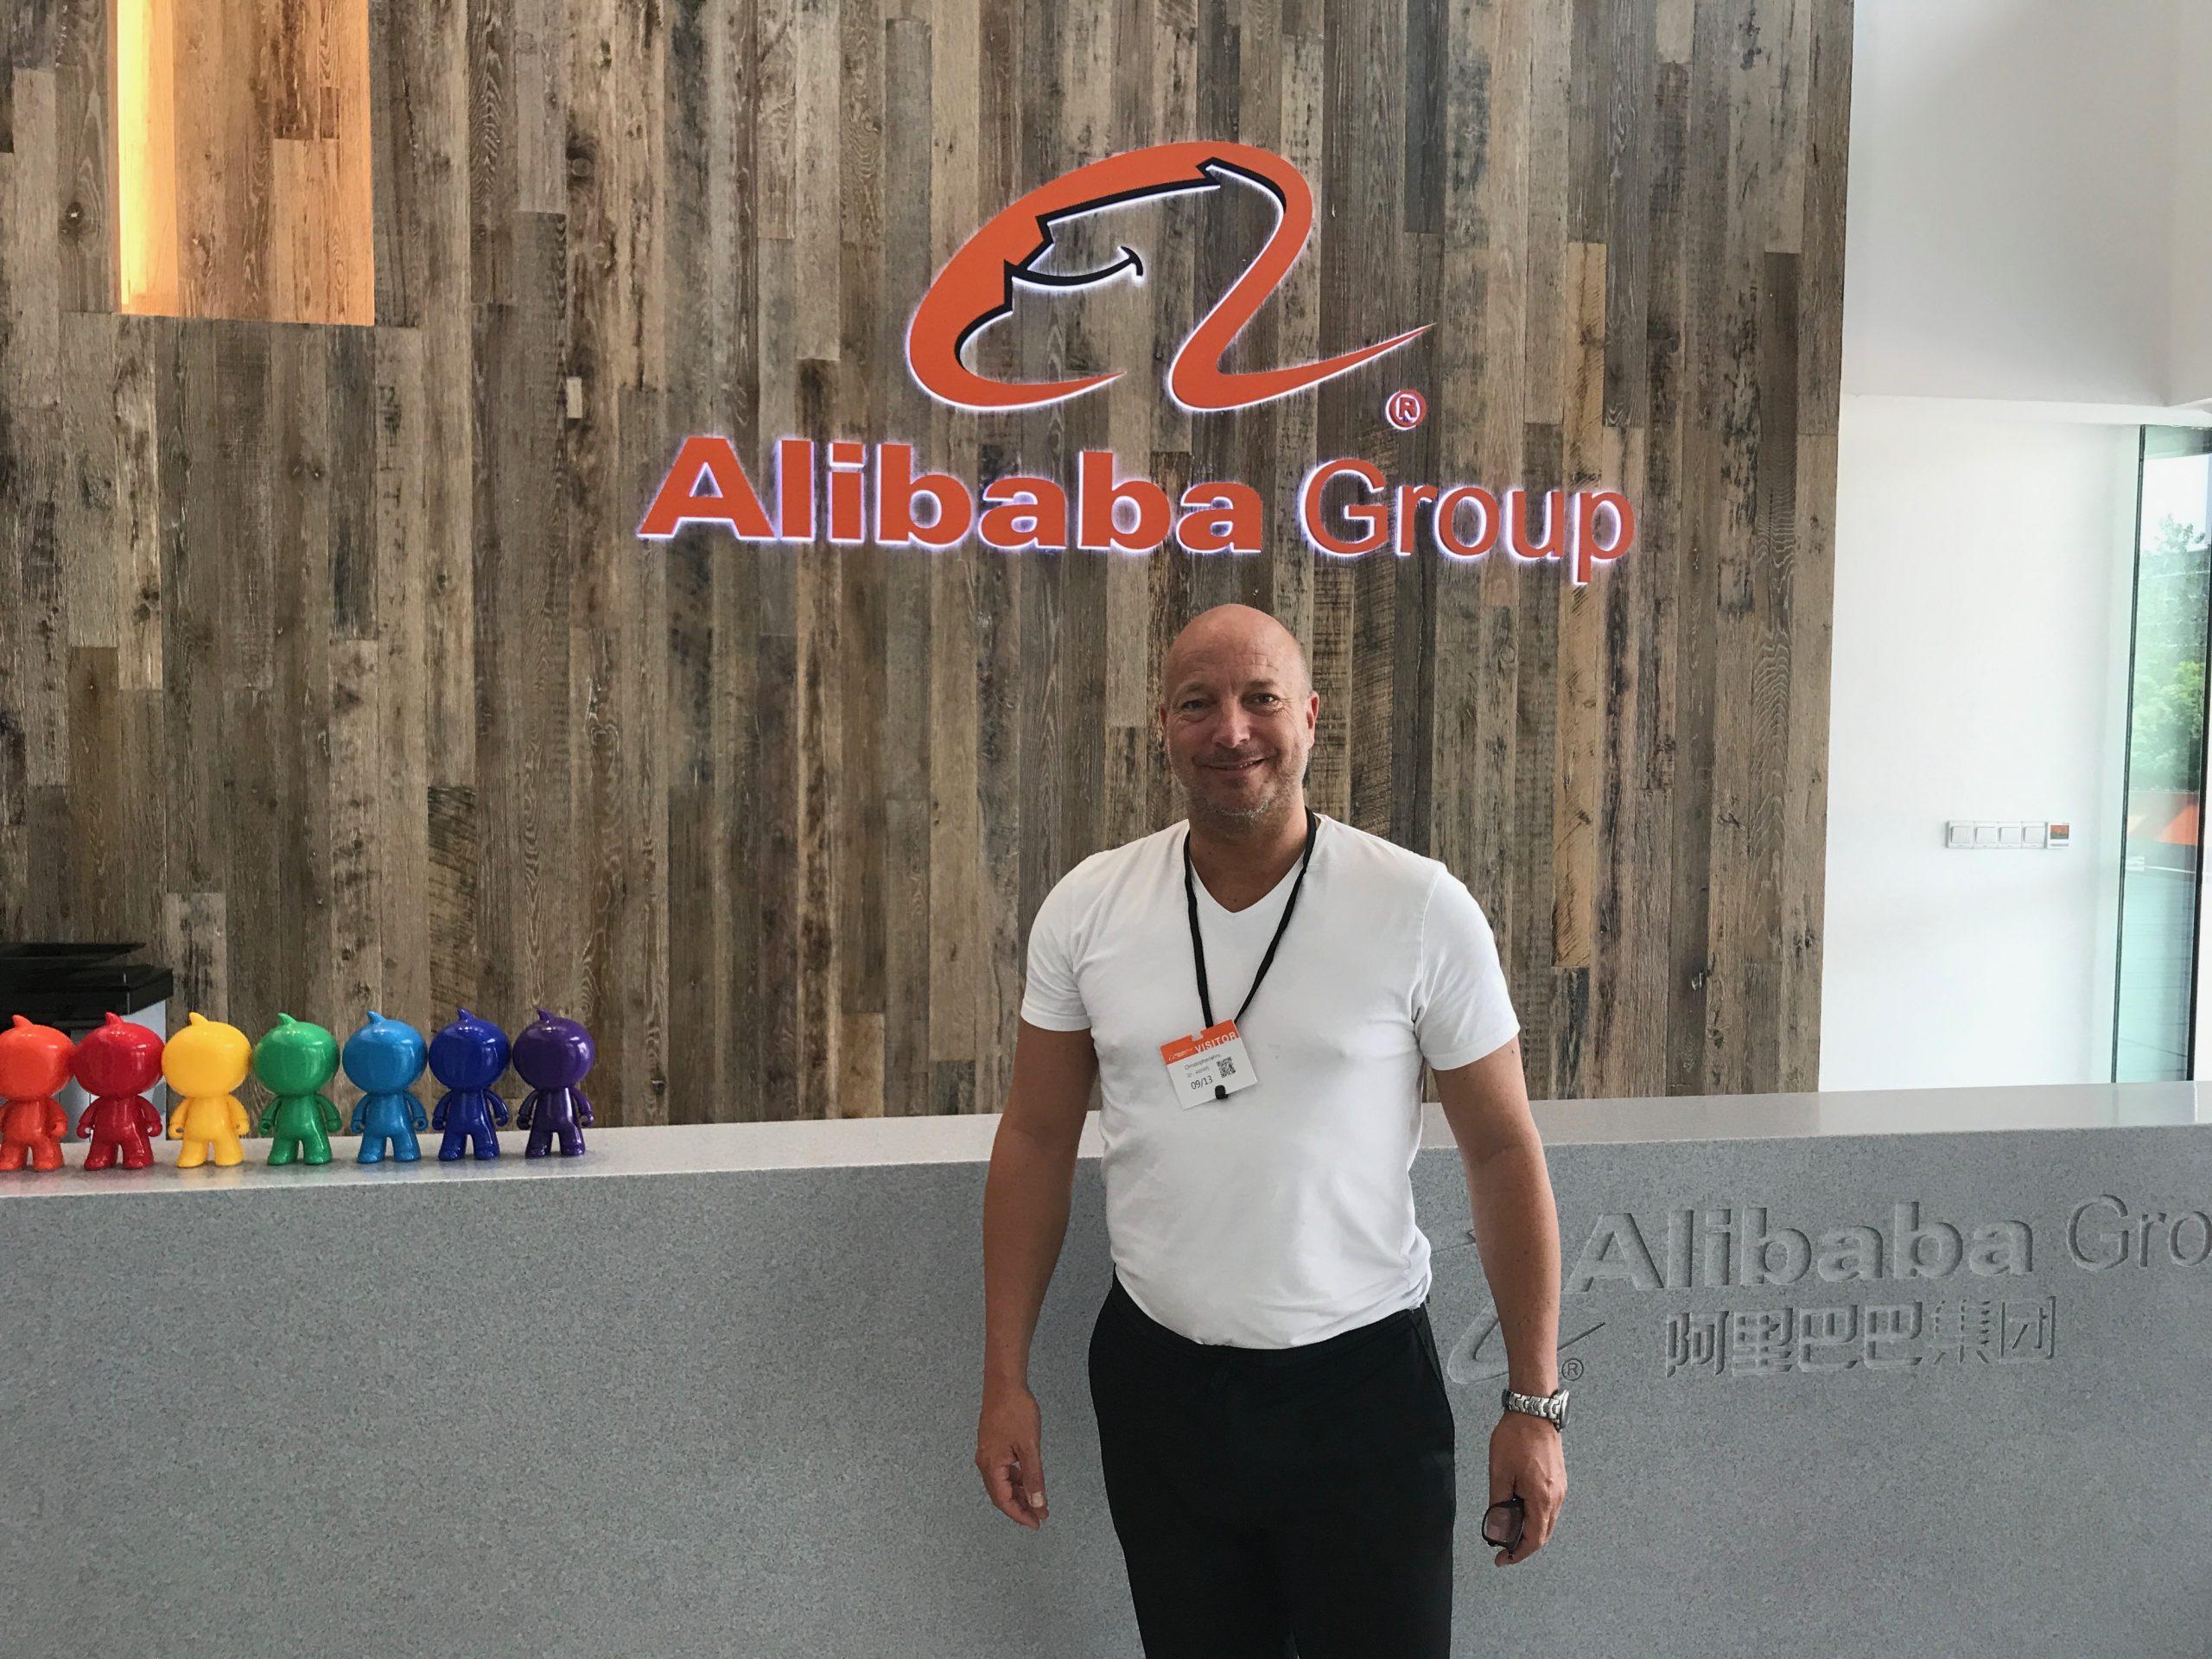 2017 im Headquarter von Alibaba in China XU Group Founder Christopher Jahns